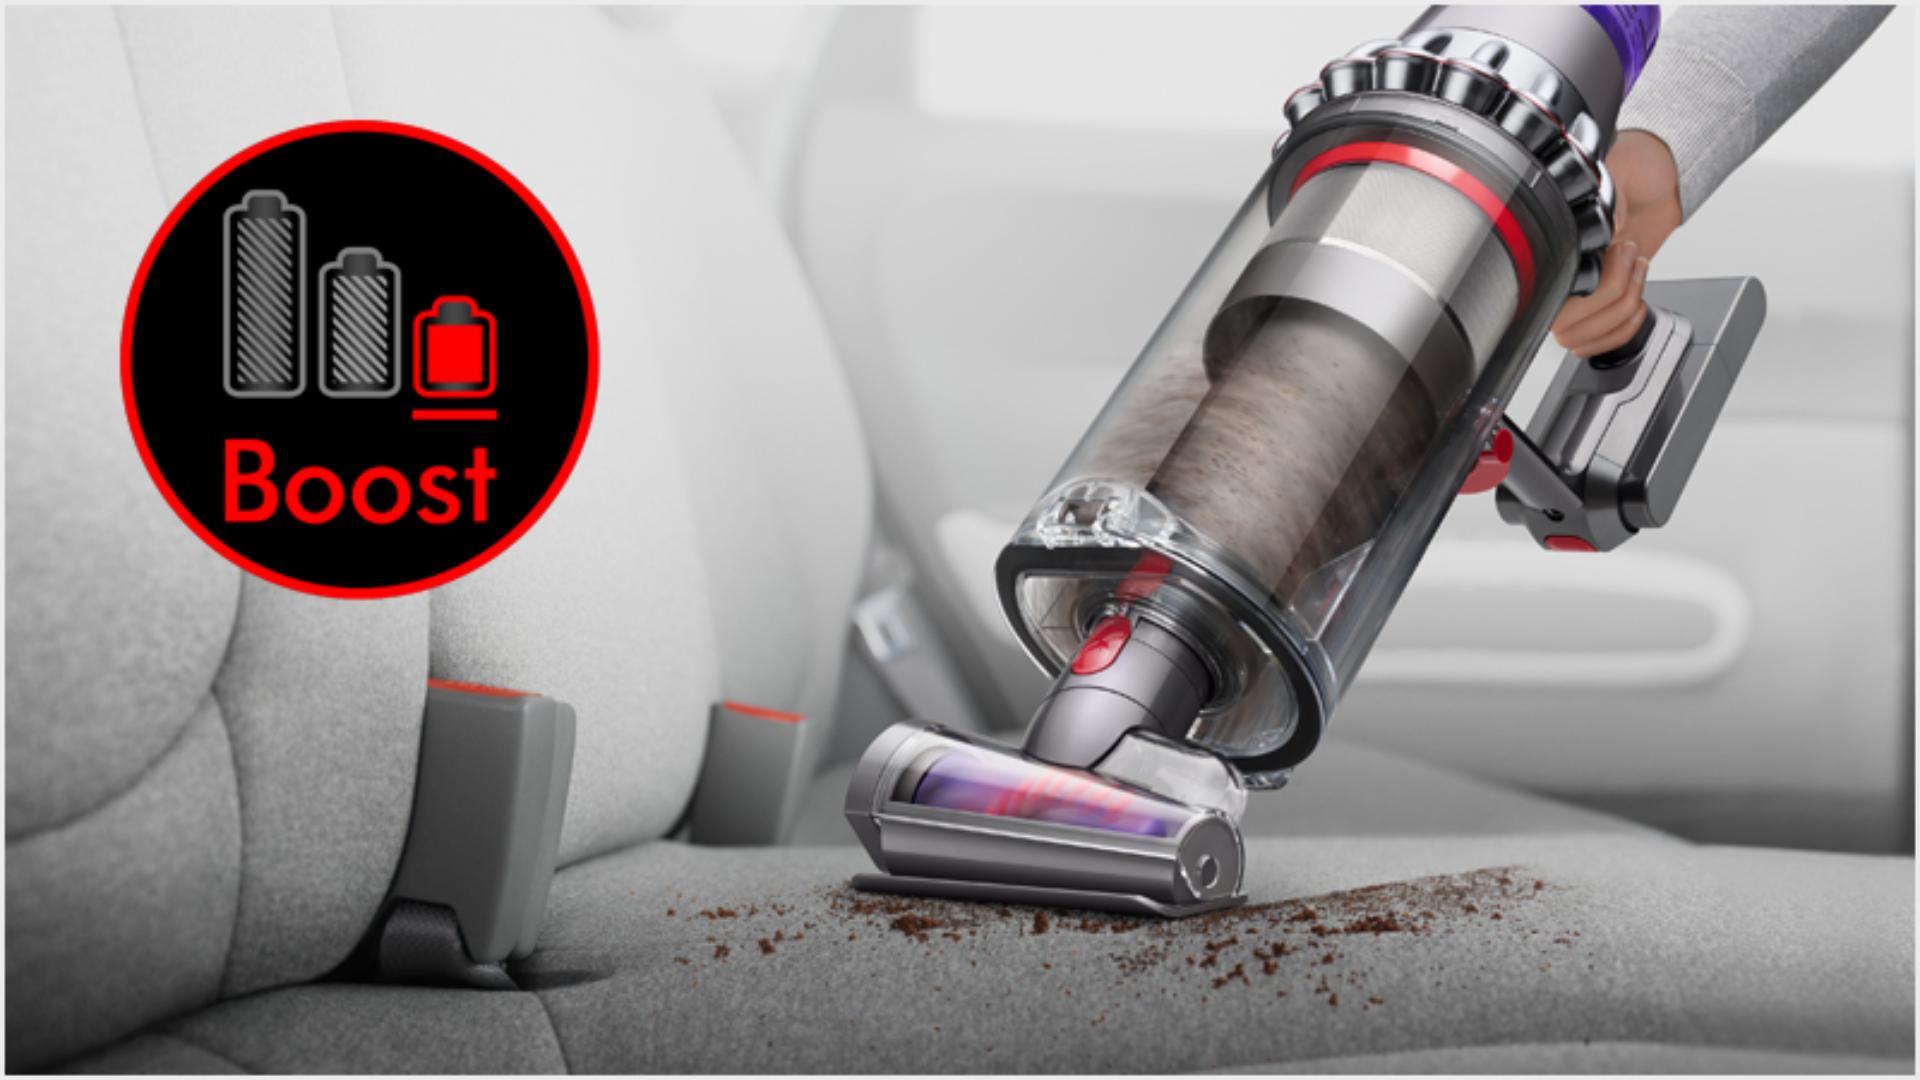 헤어 스크류 툴을 갖춘 핸디형 다이슨 아웃사이즈 무선 청소기로 차량 내부 청소.